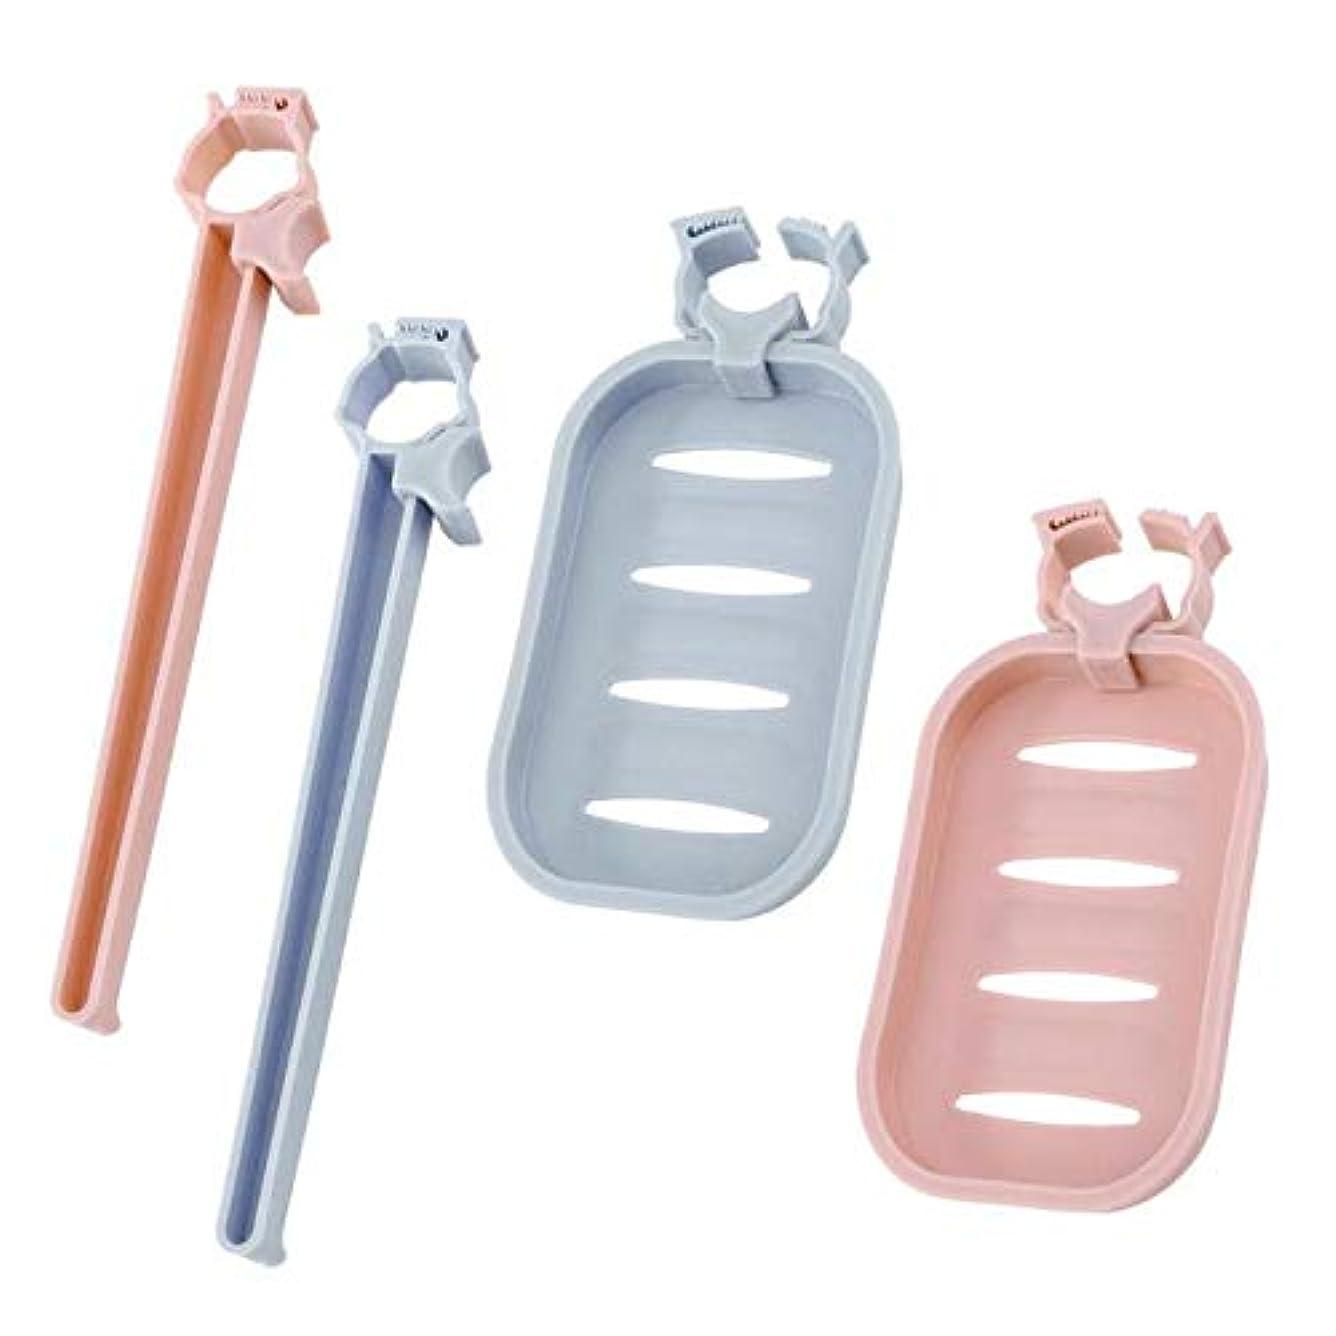 仮装したがって引っ張る注意Satr flamingosウサギのベルベットの口マスク調節可能な洗えるアンチダストマスクフェイスフィルター防風口マッフルMR104